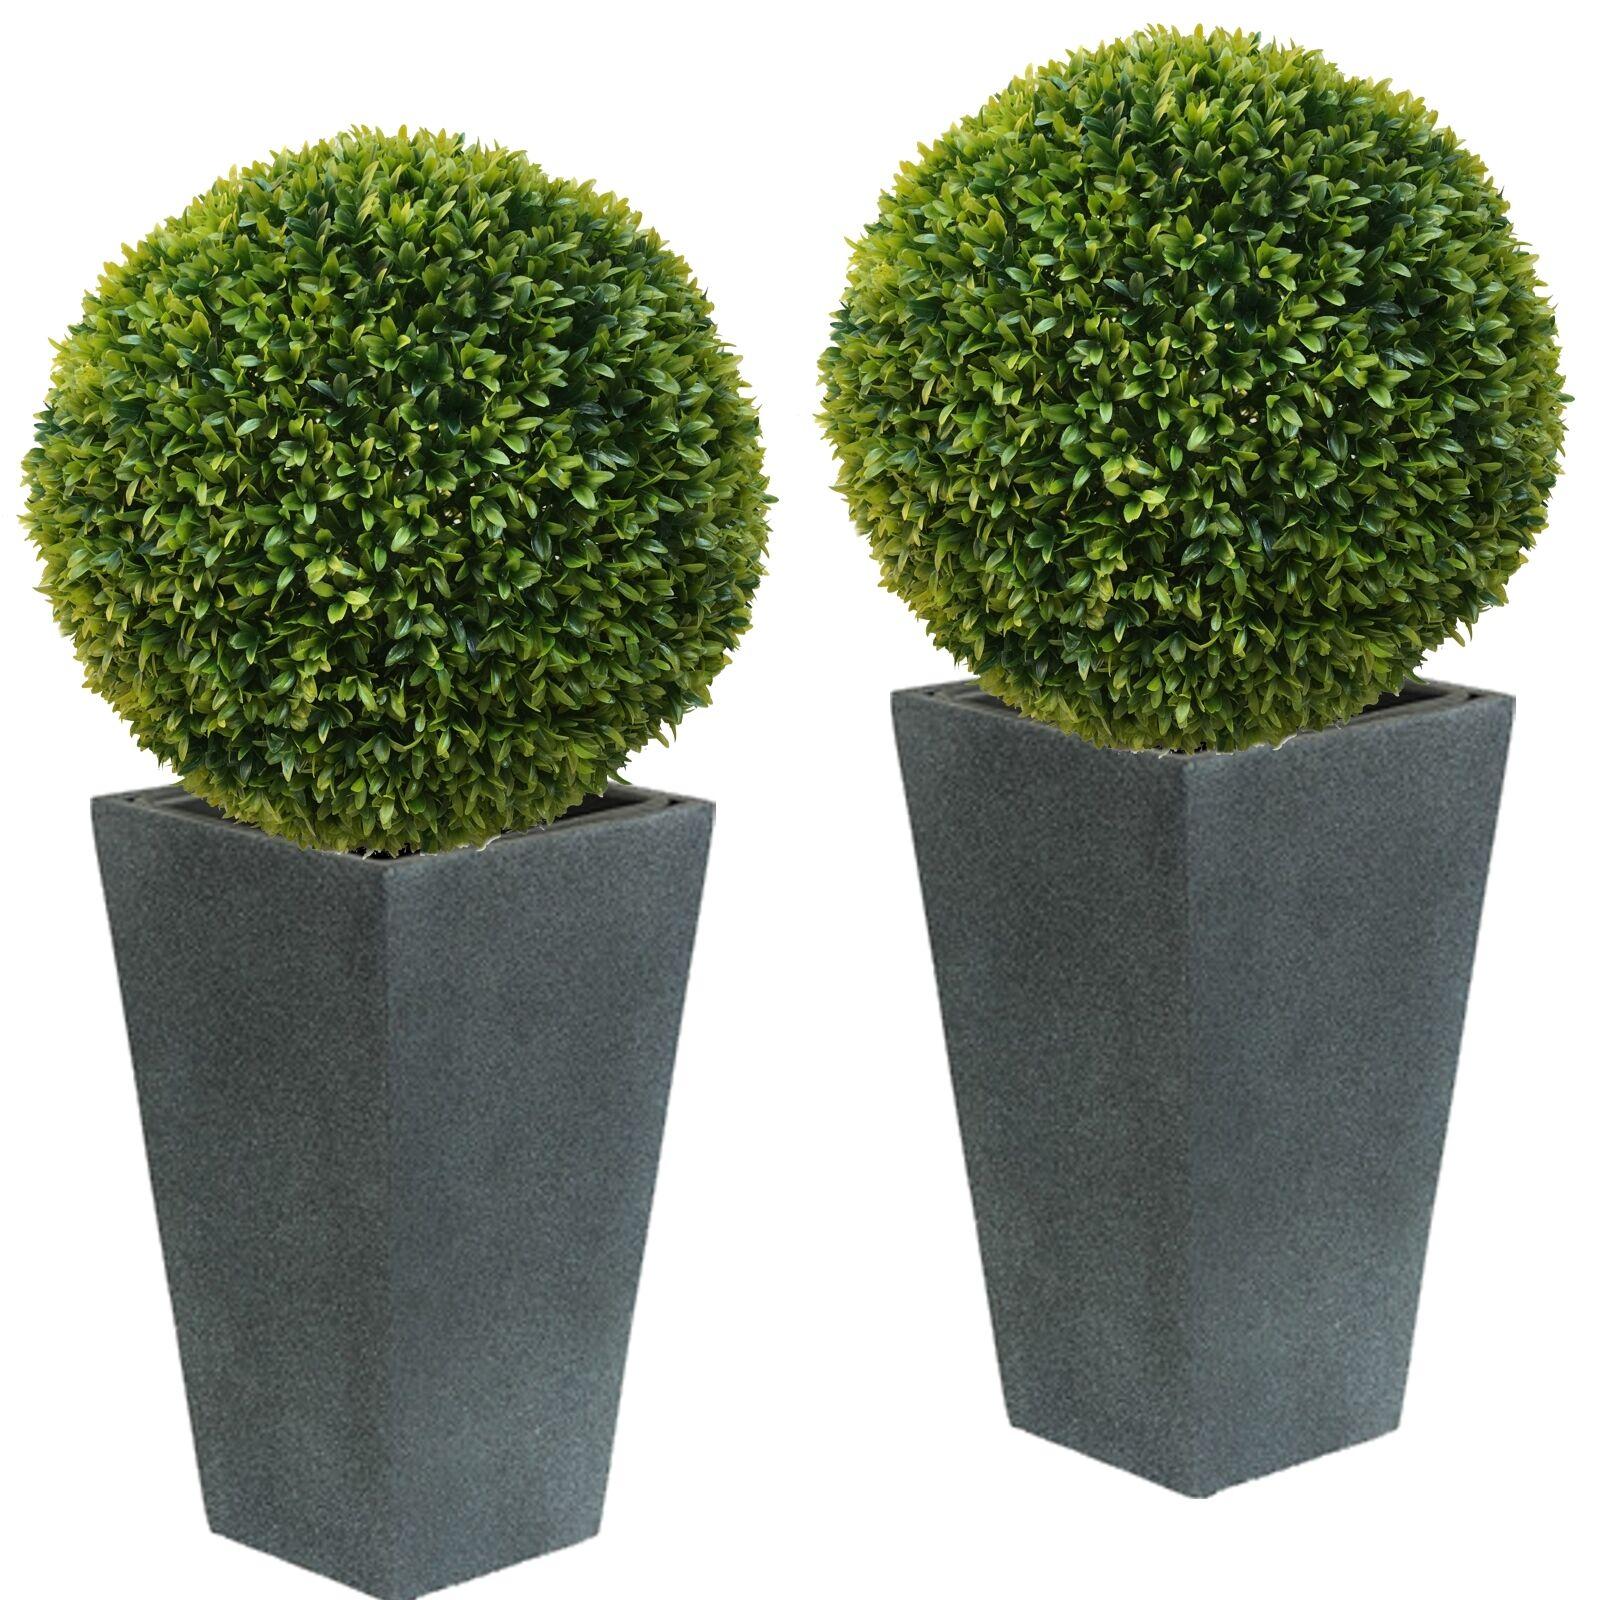 2 x ca. Ø 50 cm  Buchsbaumkugel Edel LIGUSTER Buchsbaum Kugel künstlich wie echt